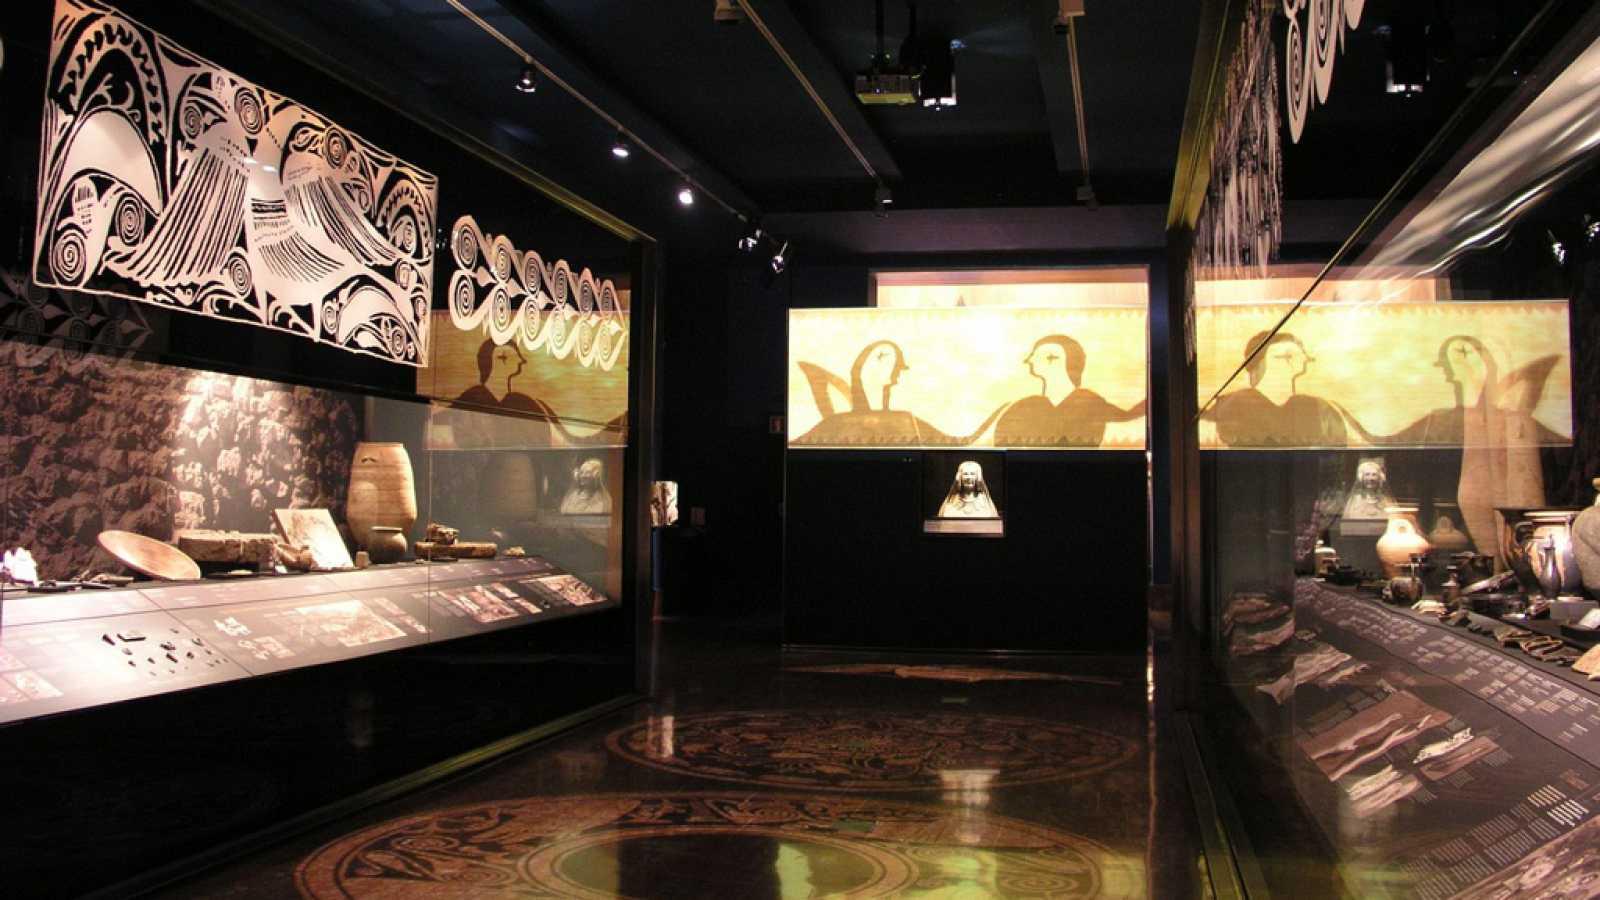 Turismo en comunidad - El Arqueológico de Alicante, primer museo español con la Q de calidad - 26/12/18 - escuchar ahora